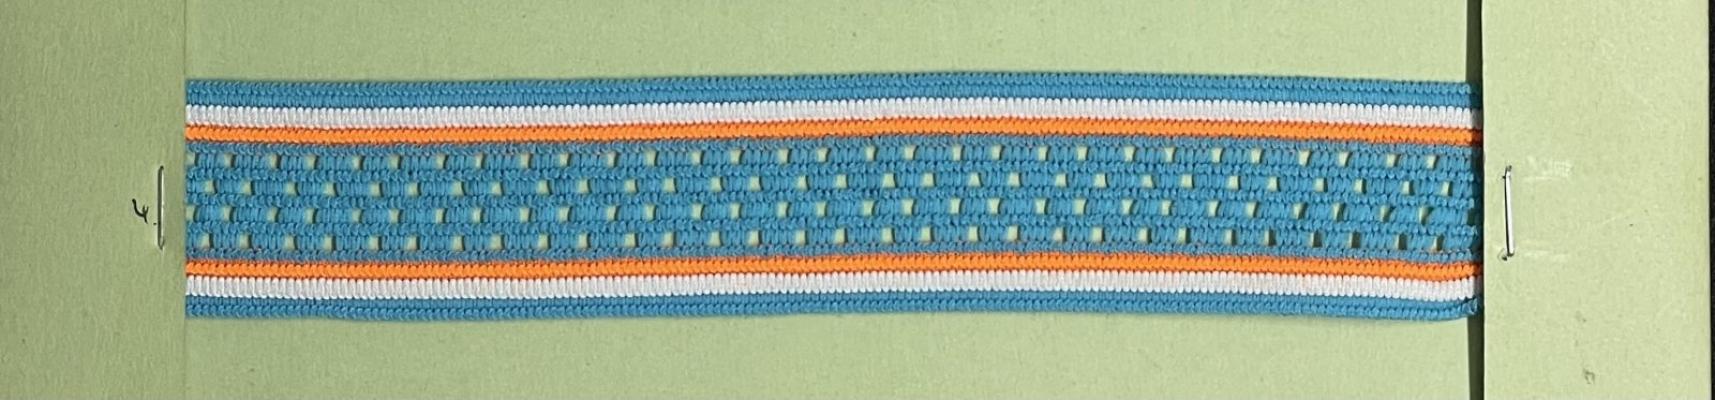 Knitted Net Elastic Tape